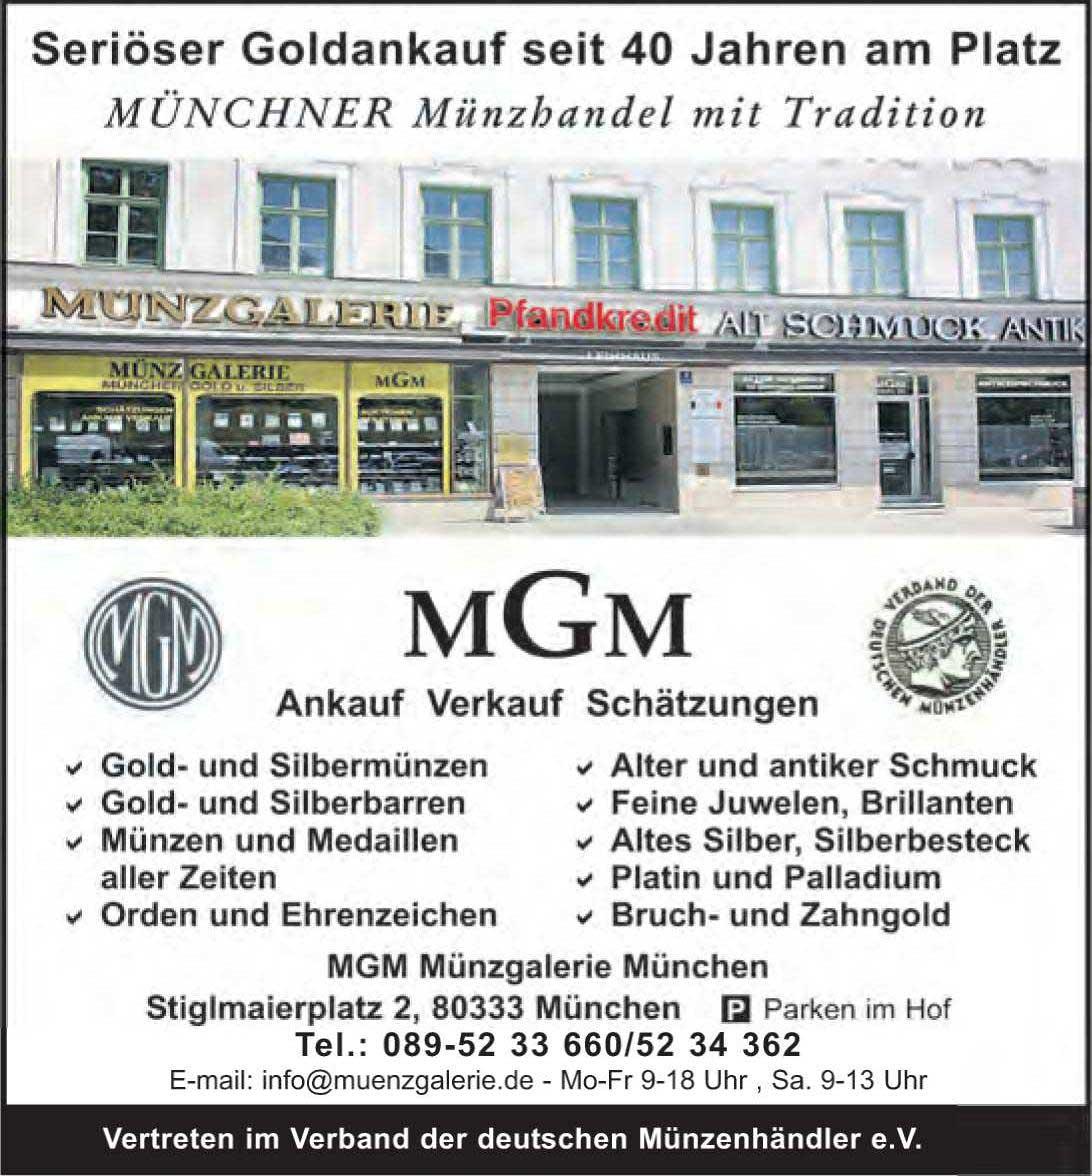 MGM Münzgalerie München